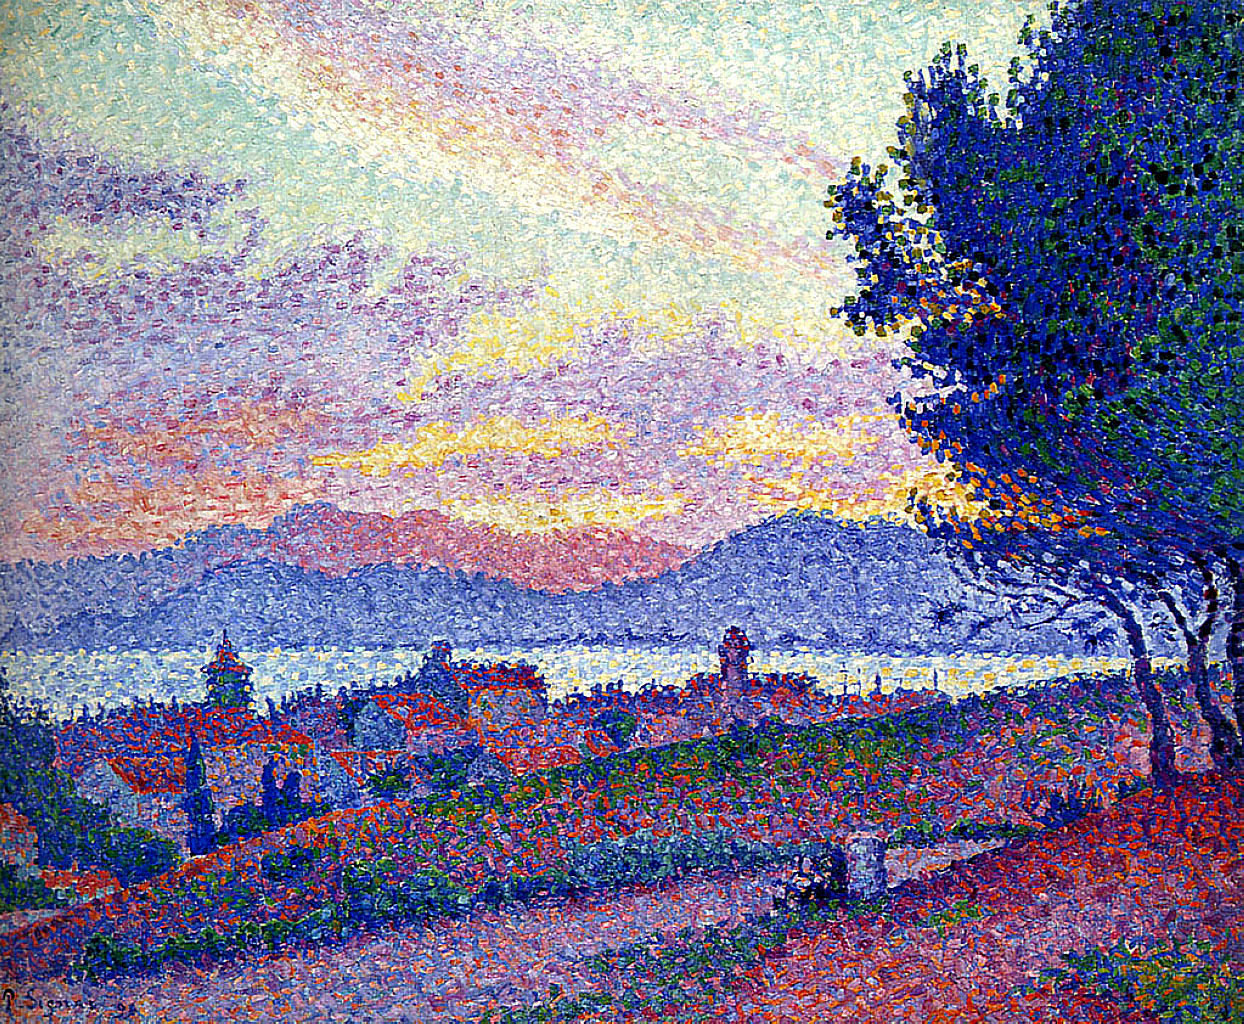 художник Поль Синьяк Signac картины Сен Тропе закат пейзажи природы Альберт Сафиуллин